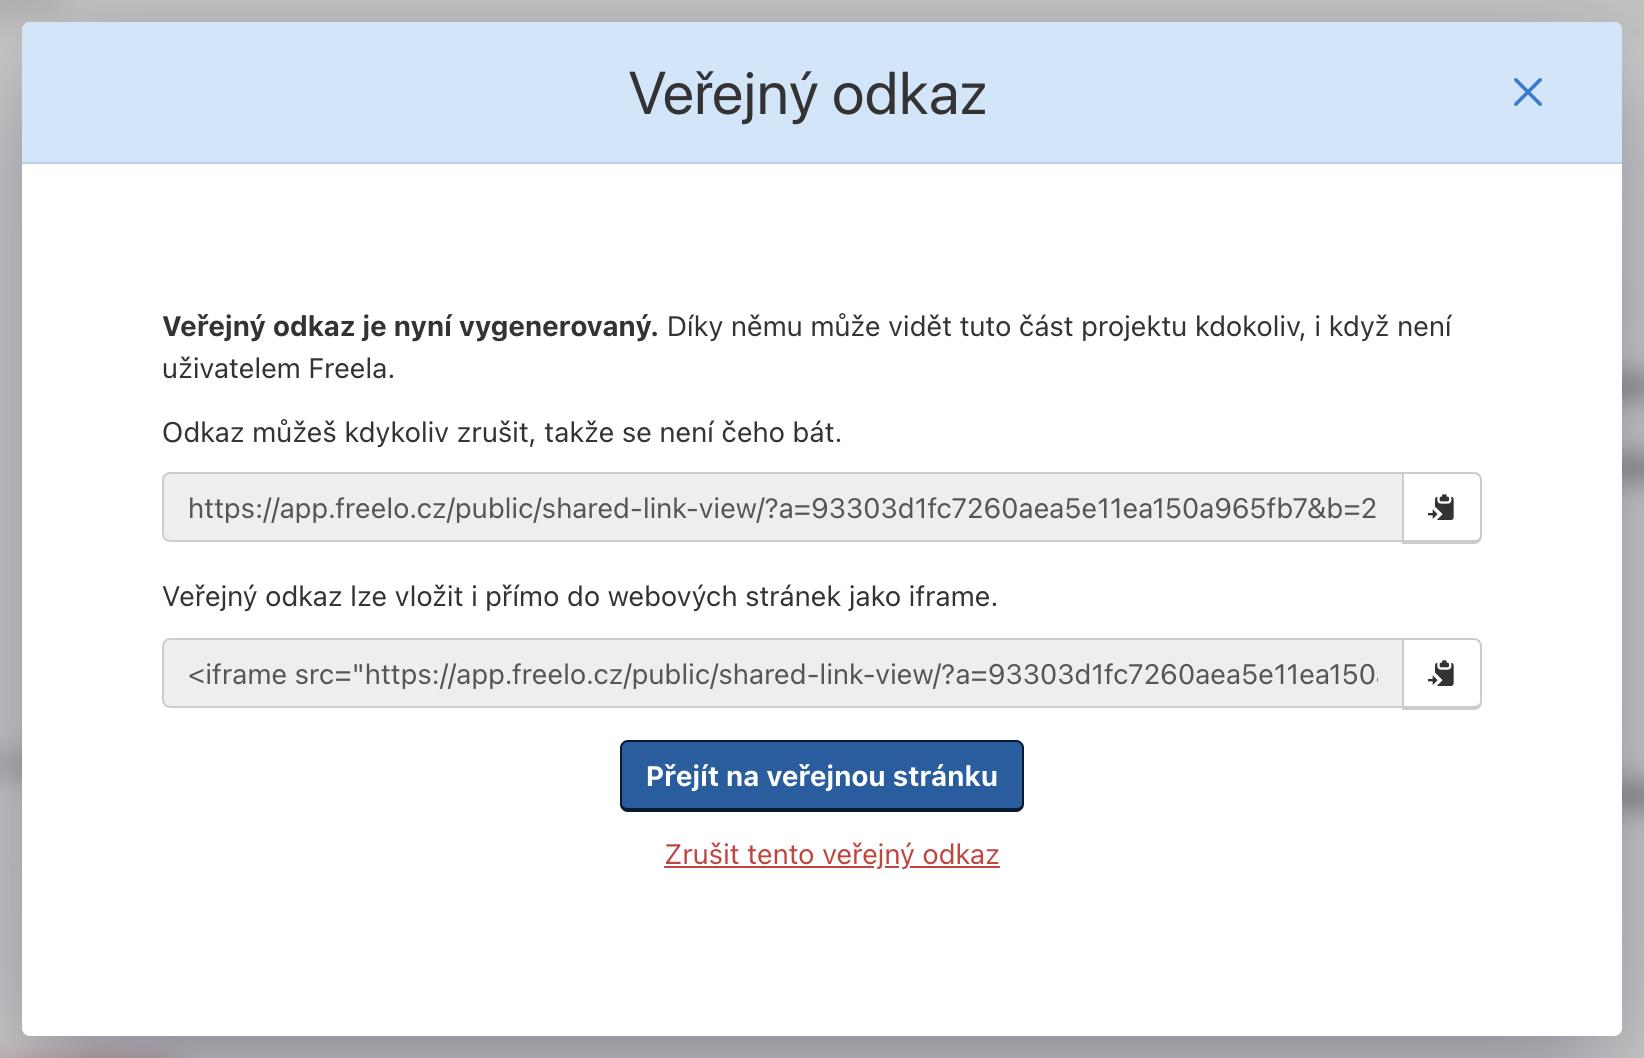 Ukázka formuláře pro vygenerování veřejného odkazu k souboru.